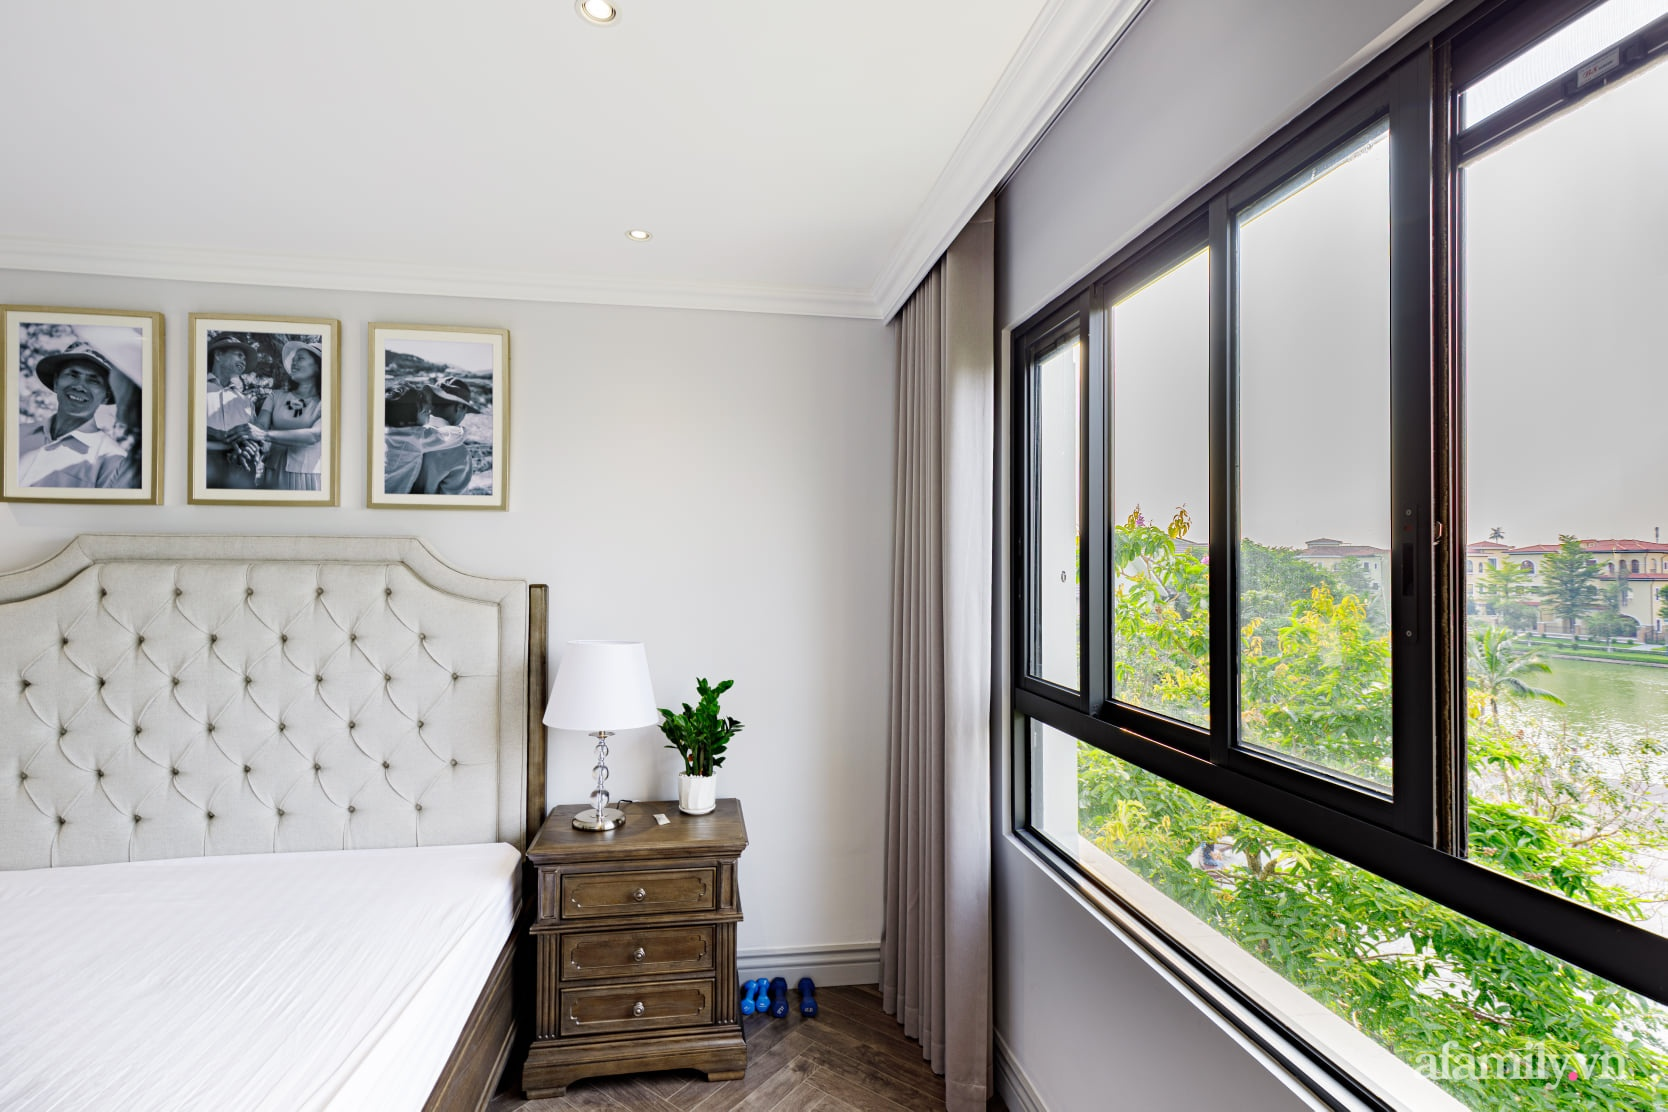 Nhà phố 3 tầng đẹp sang trọng với nội thất cực chất theo phong cách Traditional ở Hà Nội - Ảnh 28.